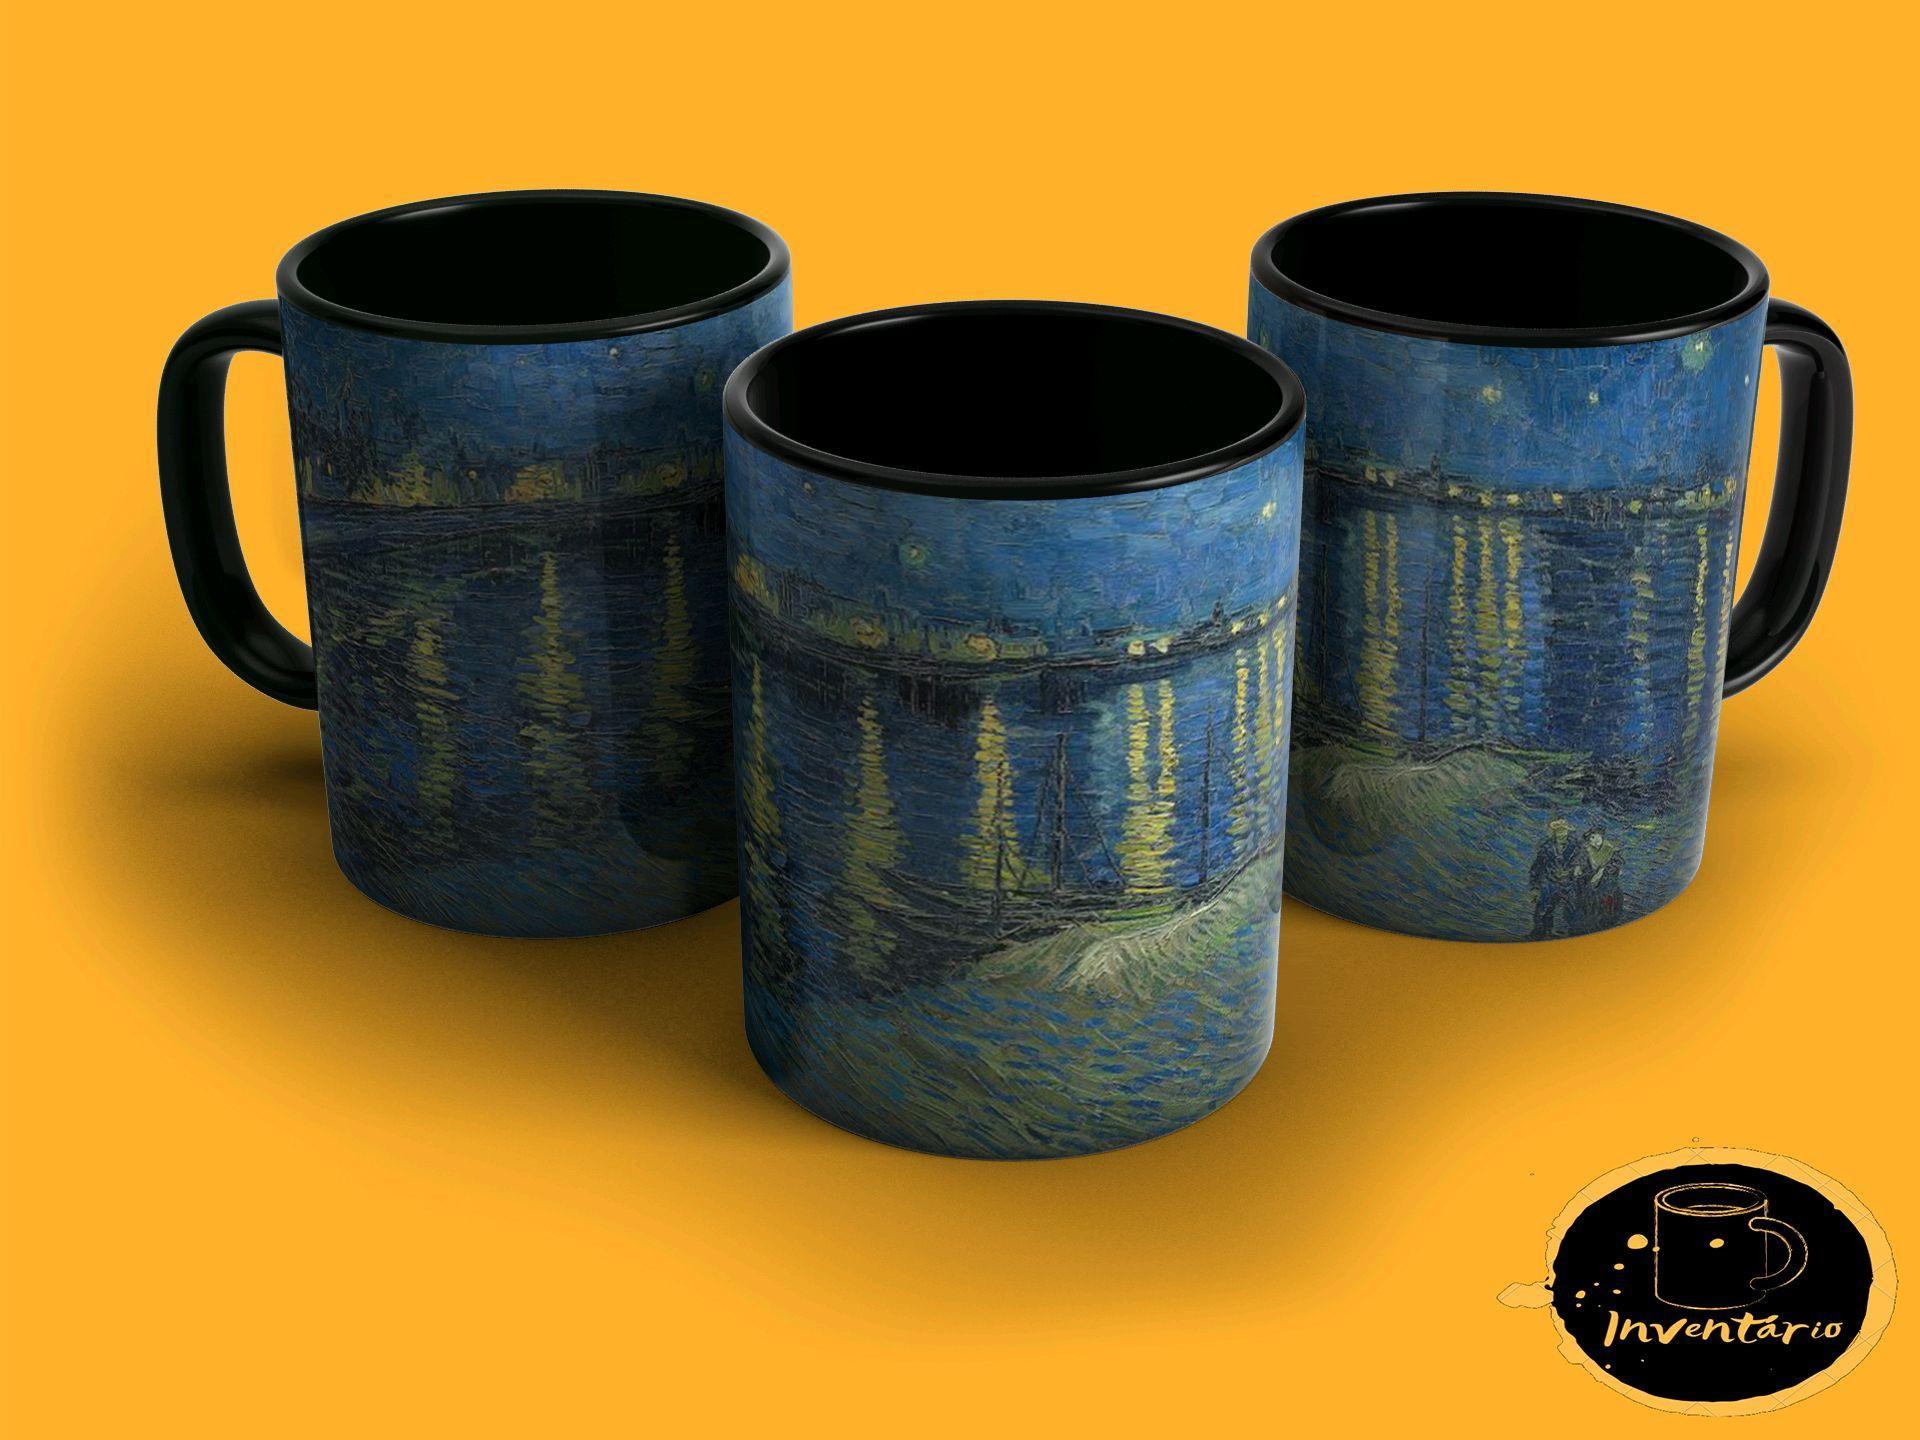 Caneca Noite Estrelada Vincent Van Gogh No Elo7 Inventario